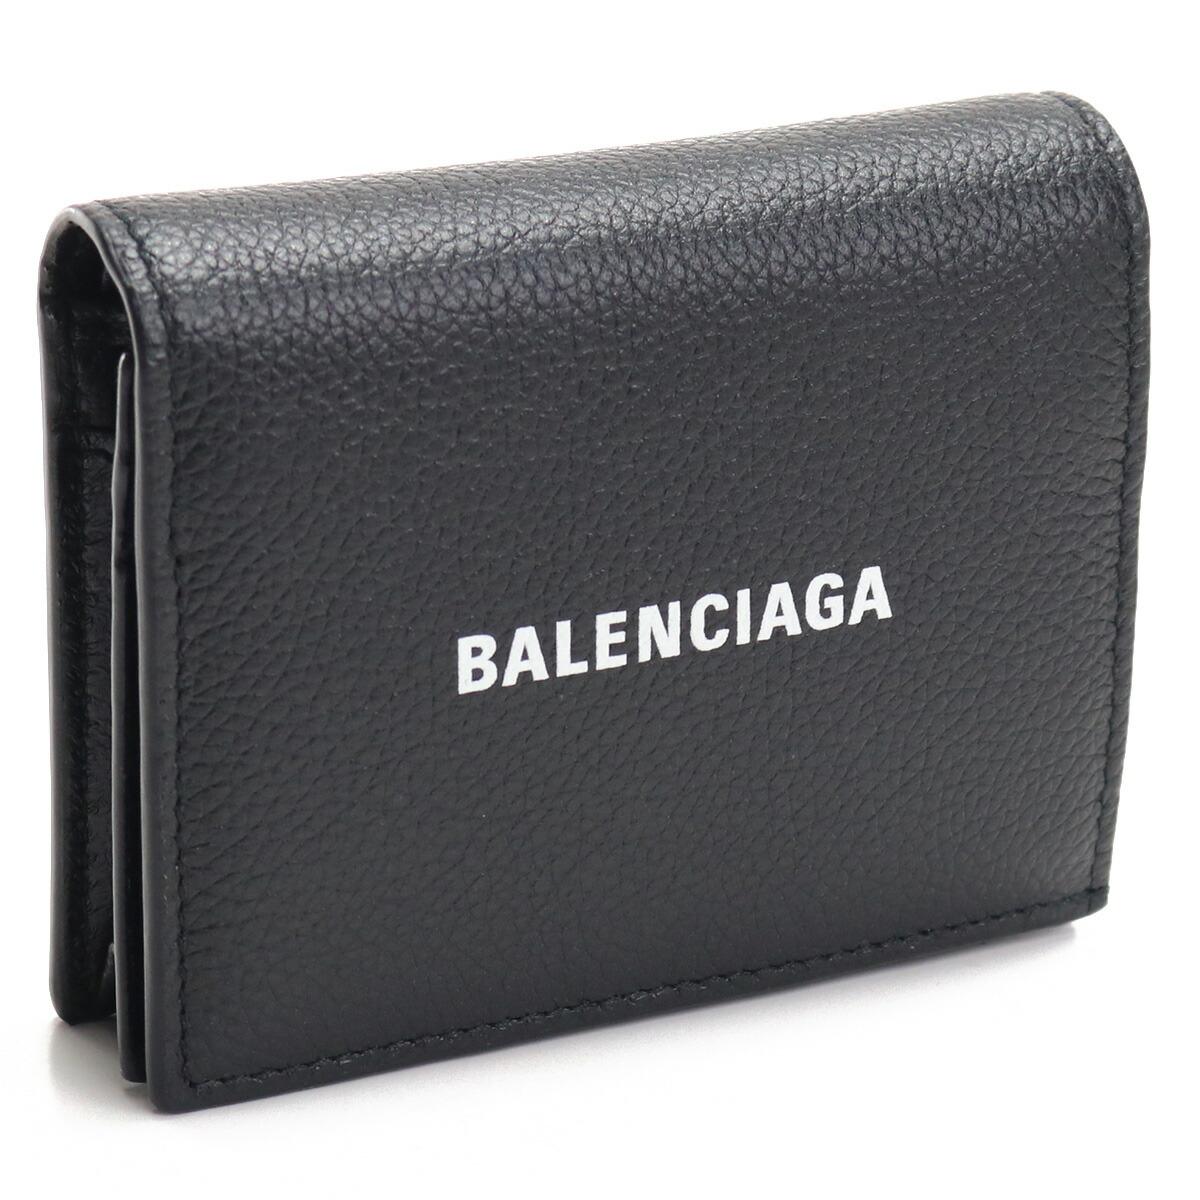 バレンシアガ BALENCIAGA  2つ折り財布 ミニ財布 コンパクト財布 ブランド財布 655685 1IZI3 1090 ブラック bos-09 gsw-3 gsm-3